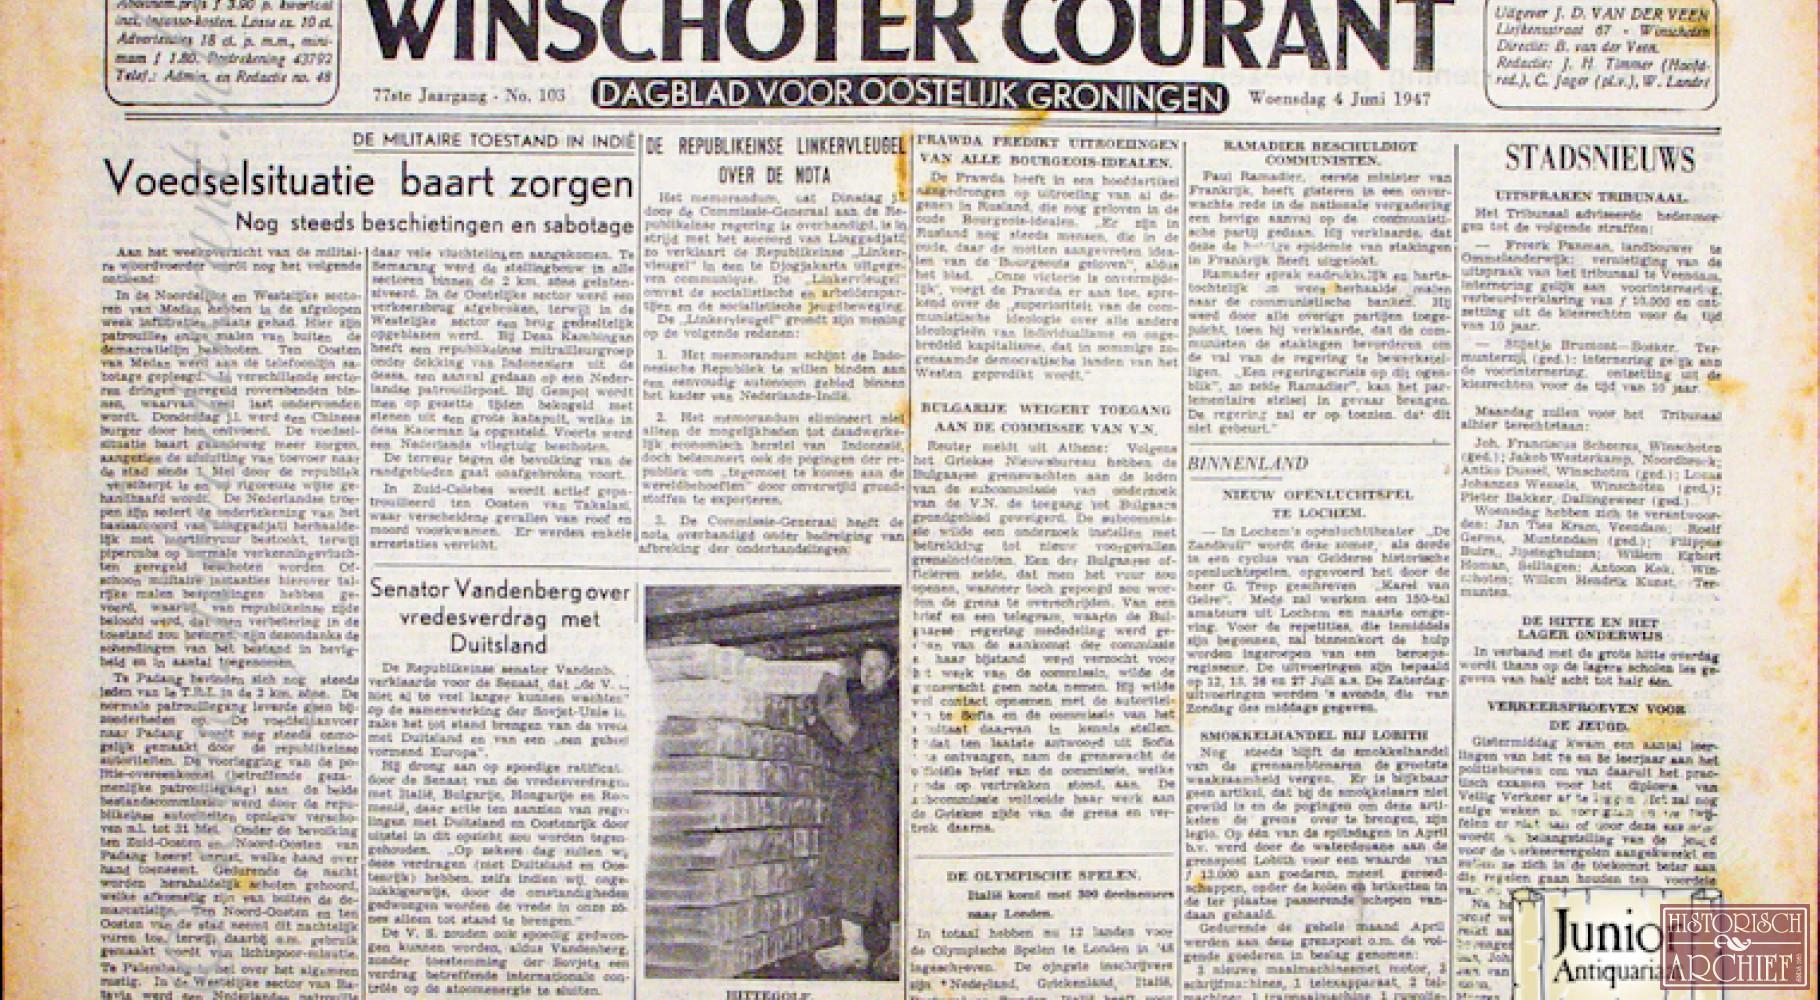 Winschoter Courant